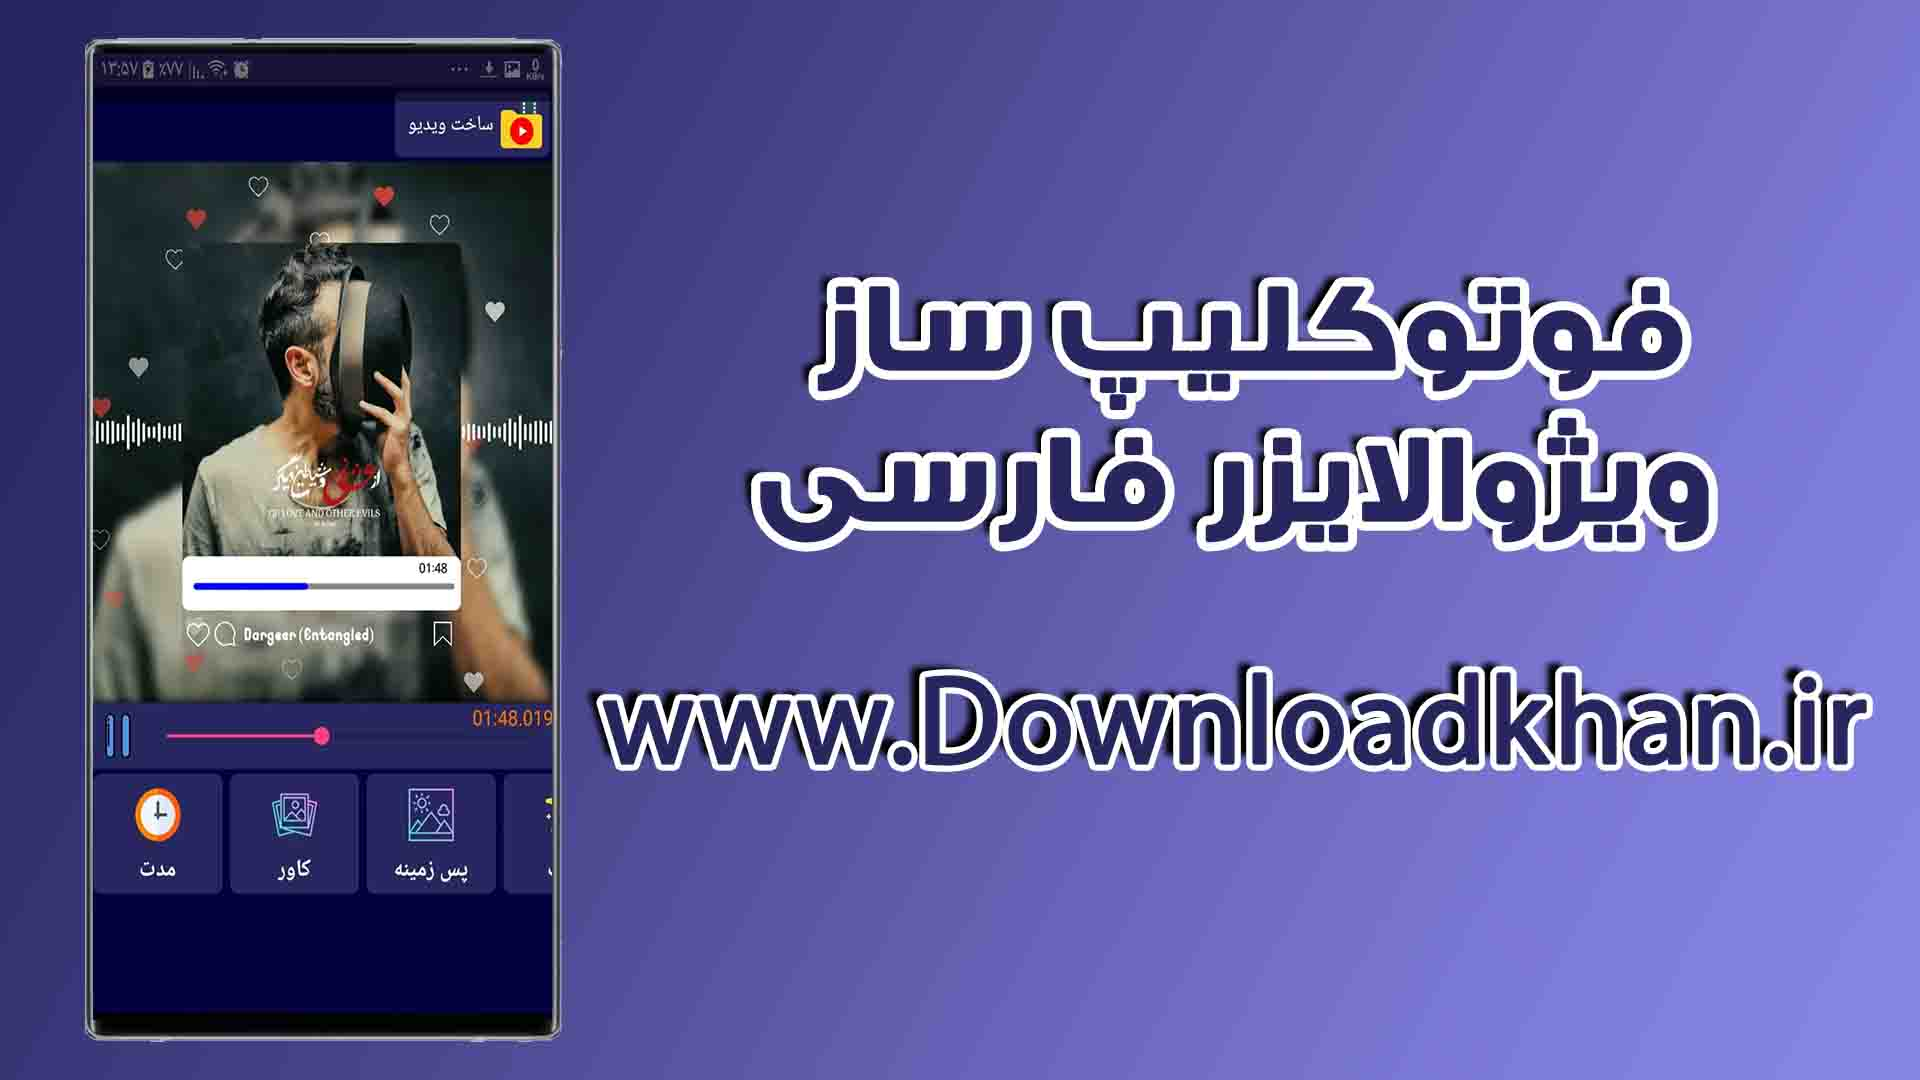 فوتوکلیپ ساز ویژوالایزر فارسی